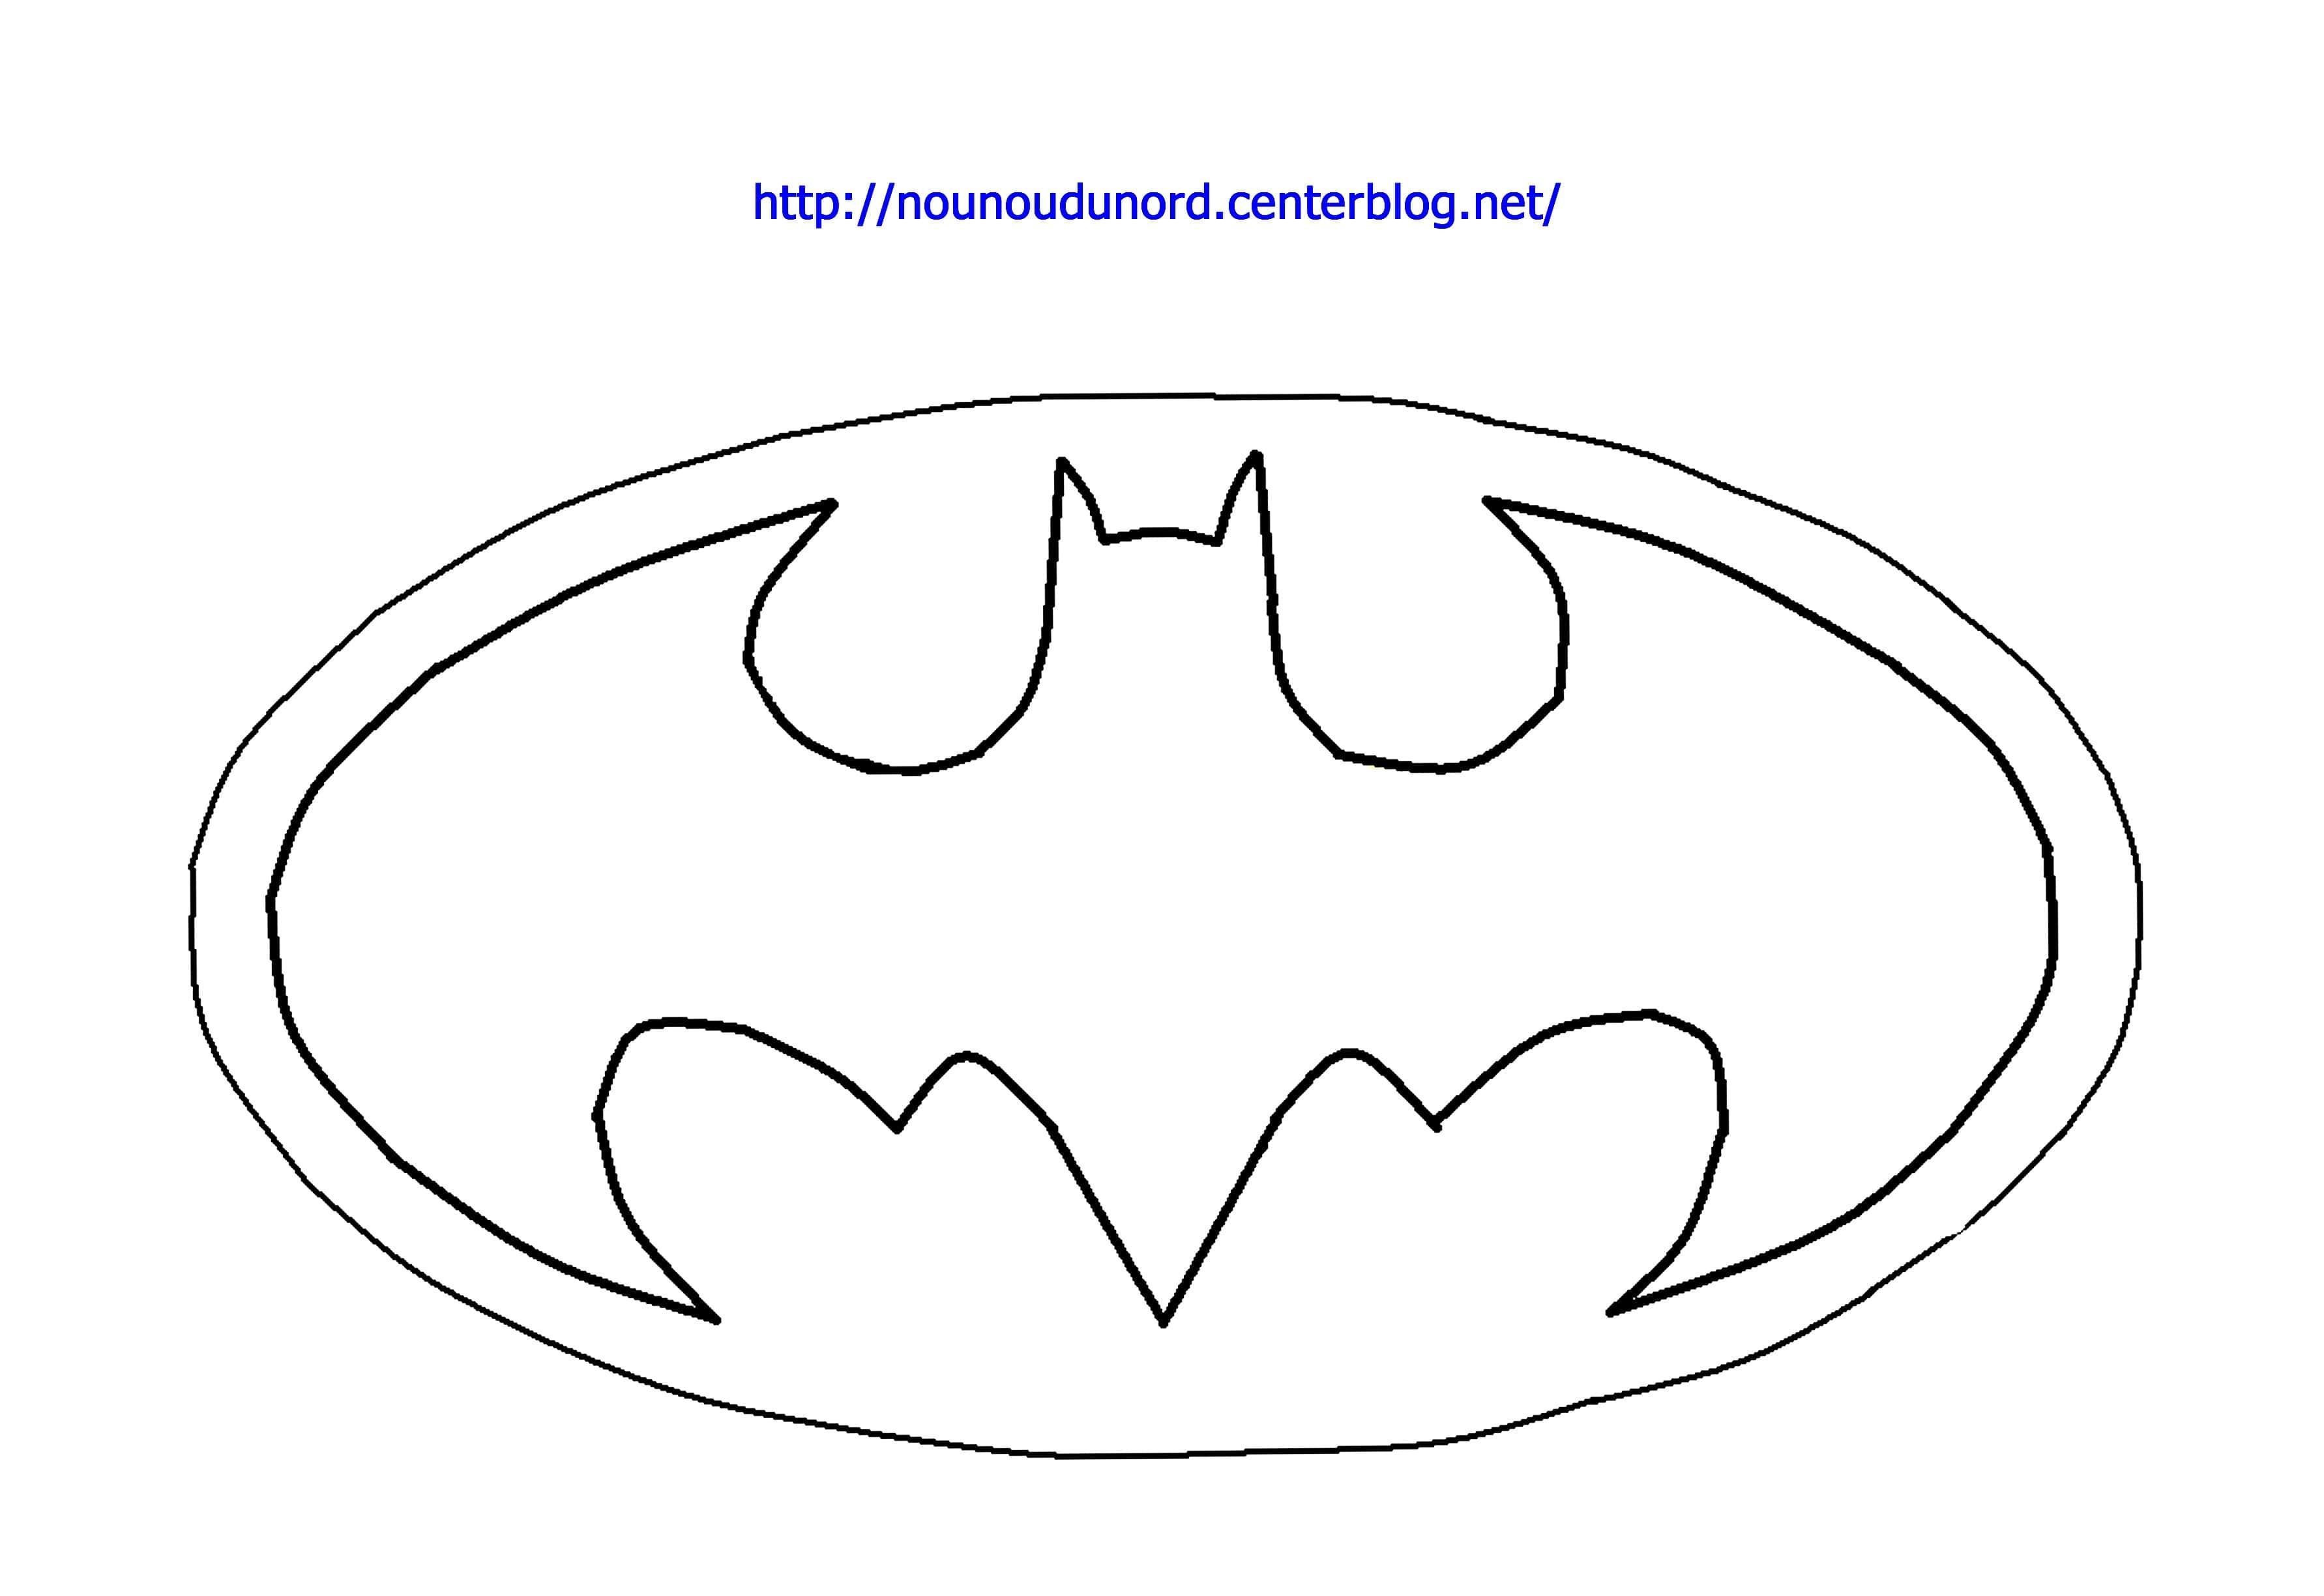 Harley Quinn Coloring Pages Coloring Coloring Pages avec Coloriage À Imprimer Batman